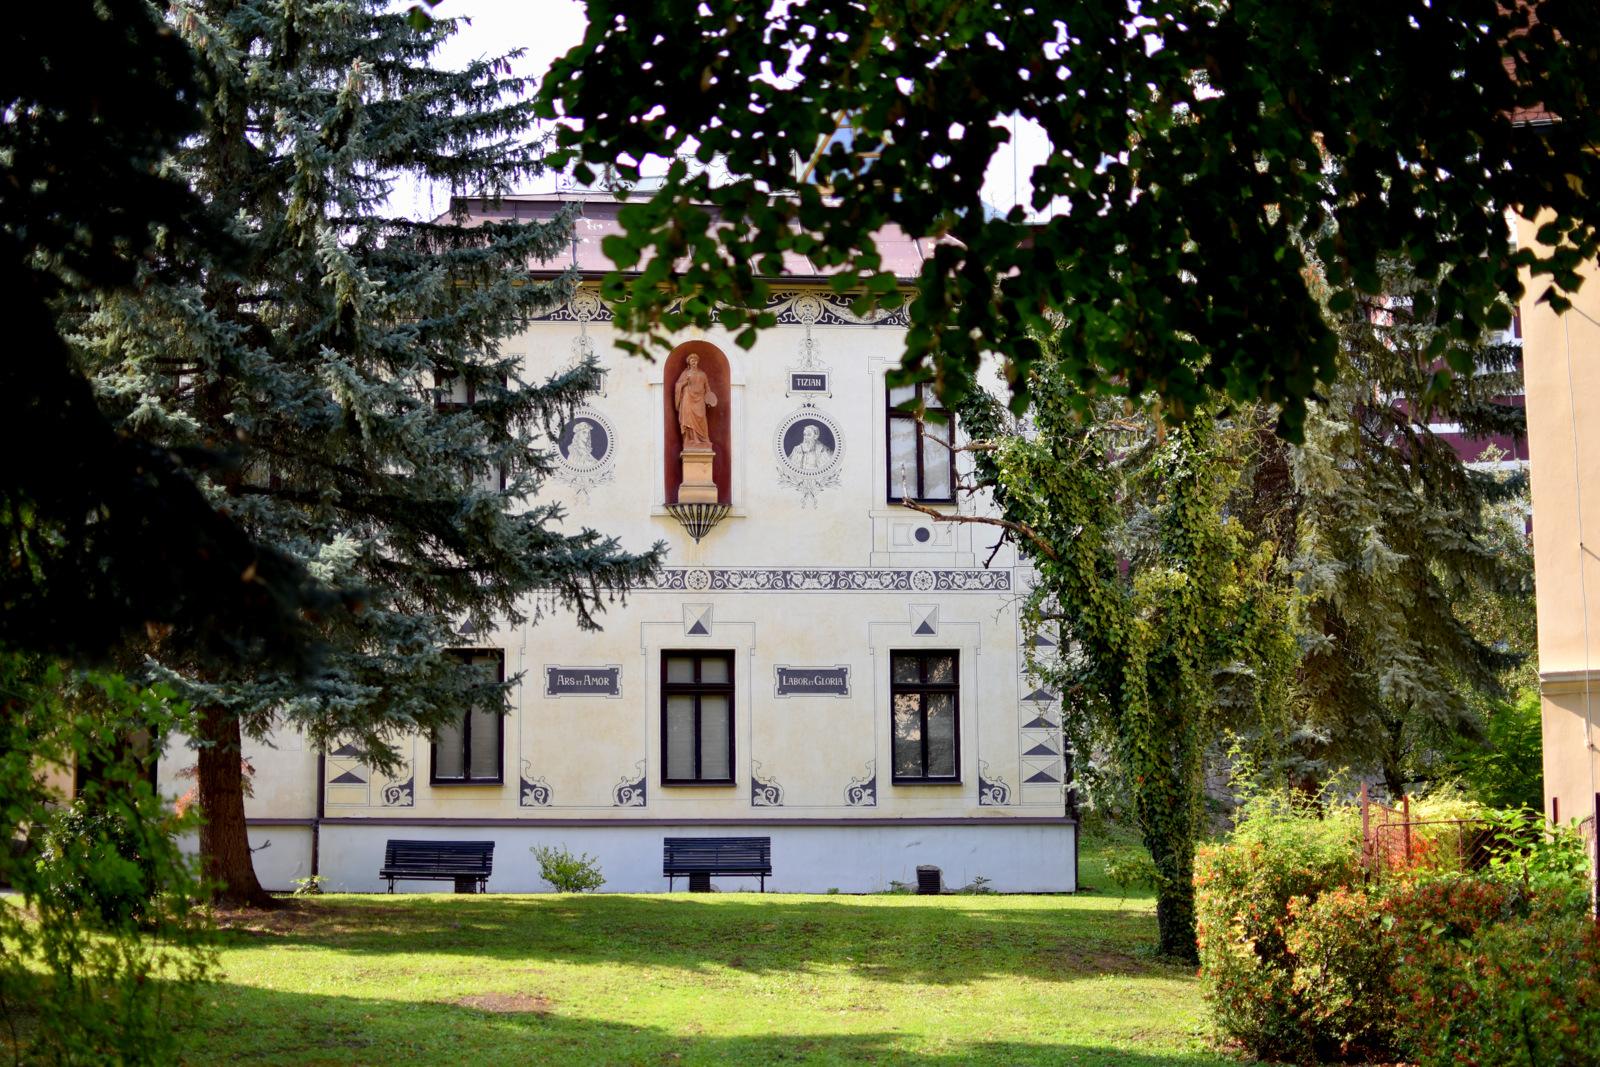 tip na výlet: ako stráviť upršaný deň v Banskej Bystrici // Vila a stála expozícia Dominika Skuteckého